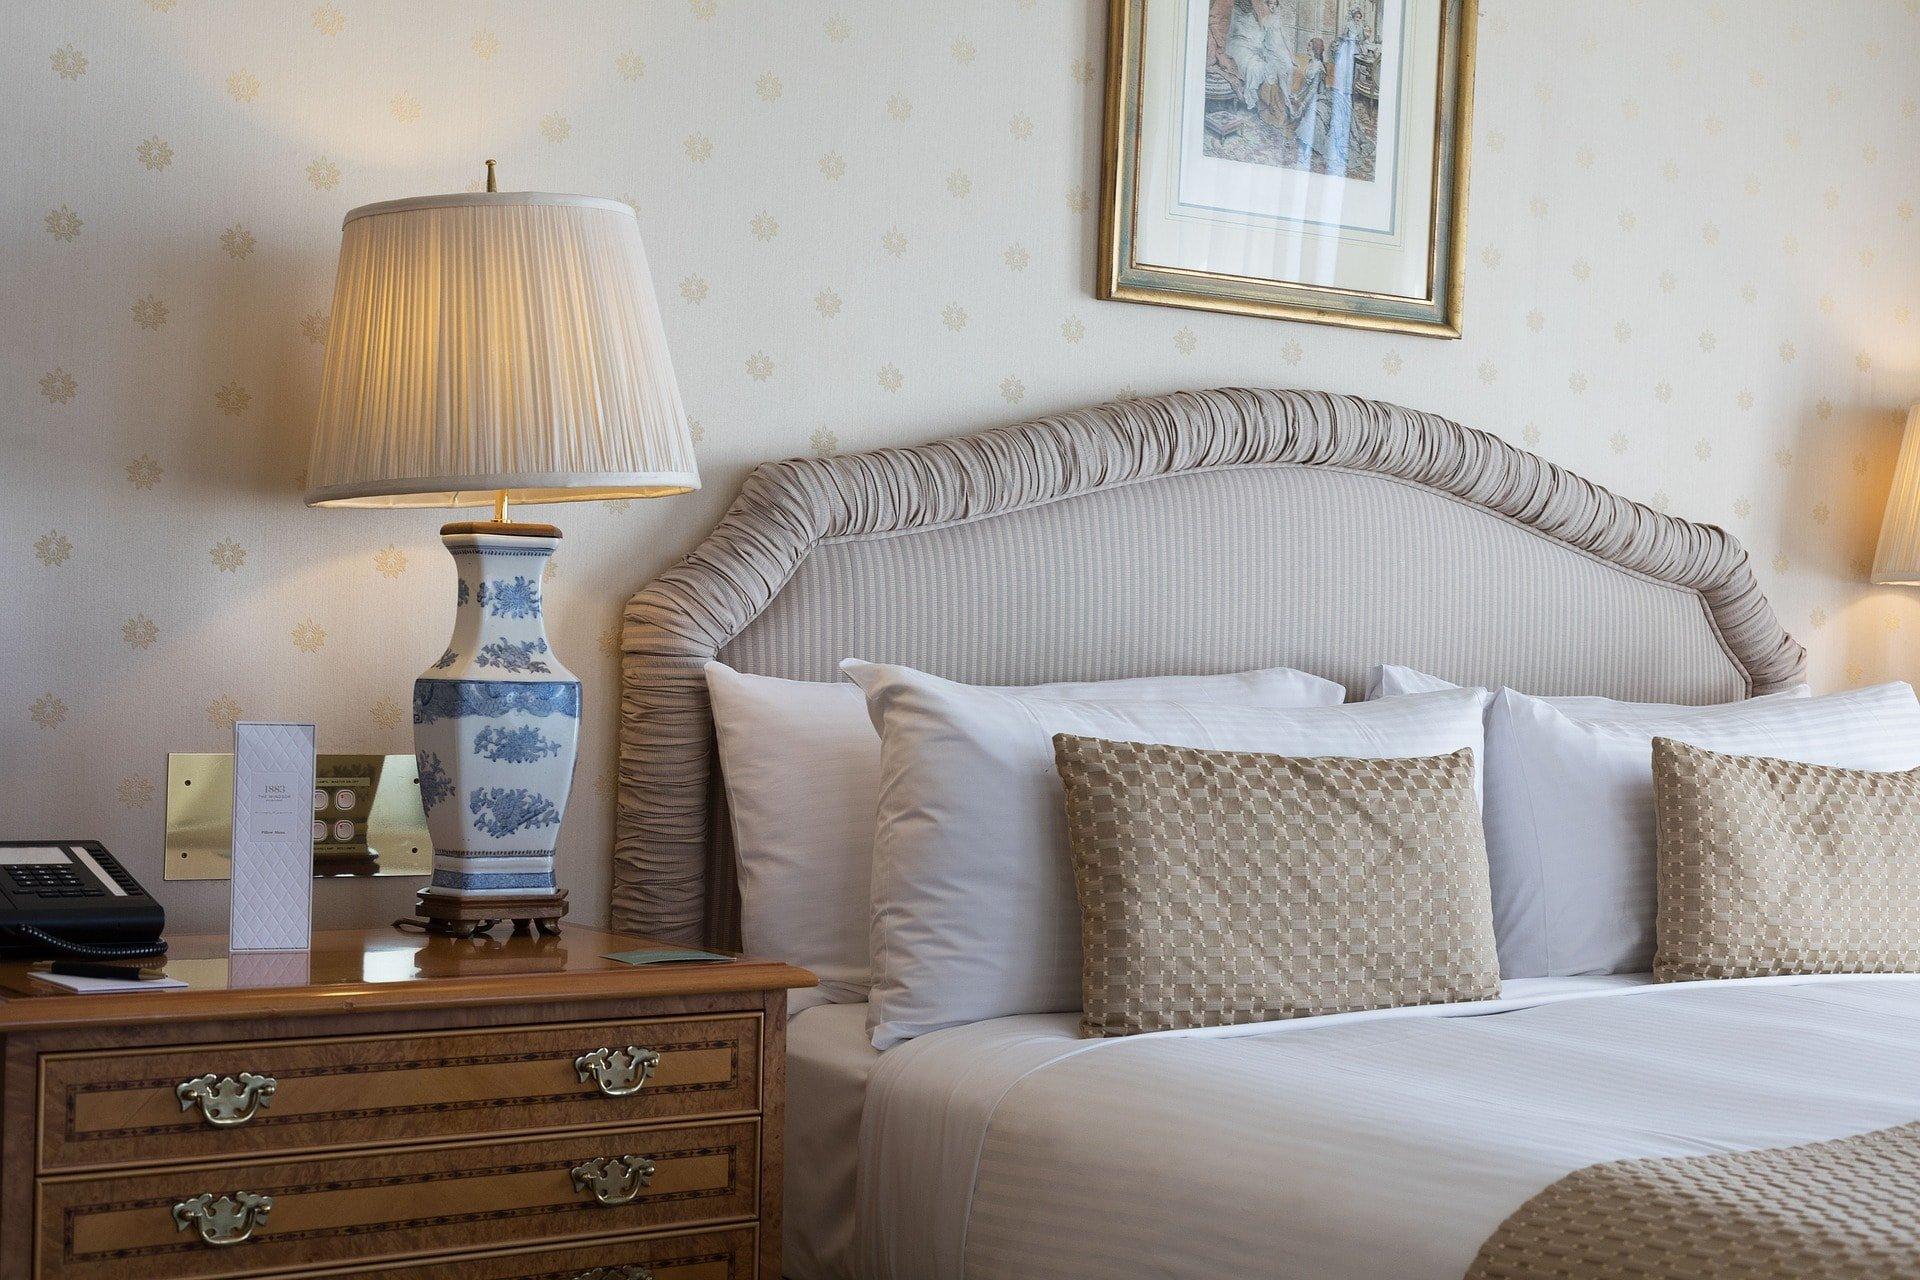 Habitación elegante cómoda - Makro Mueble